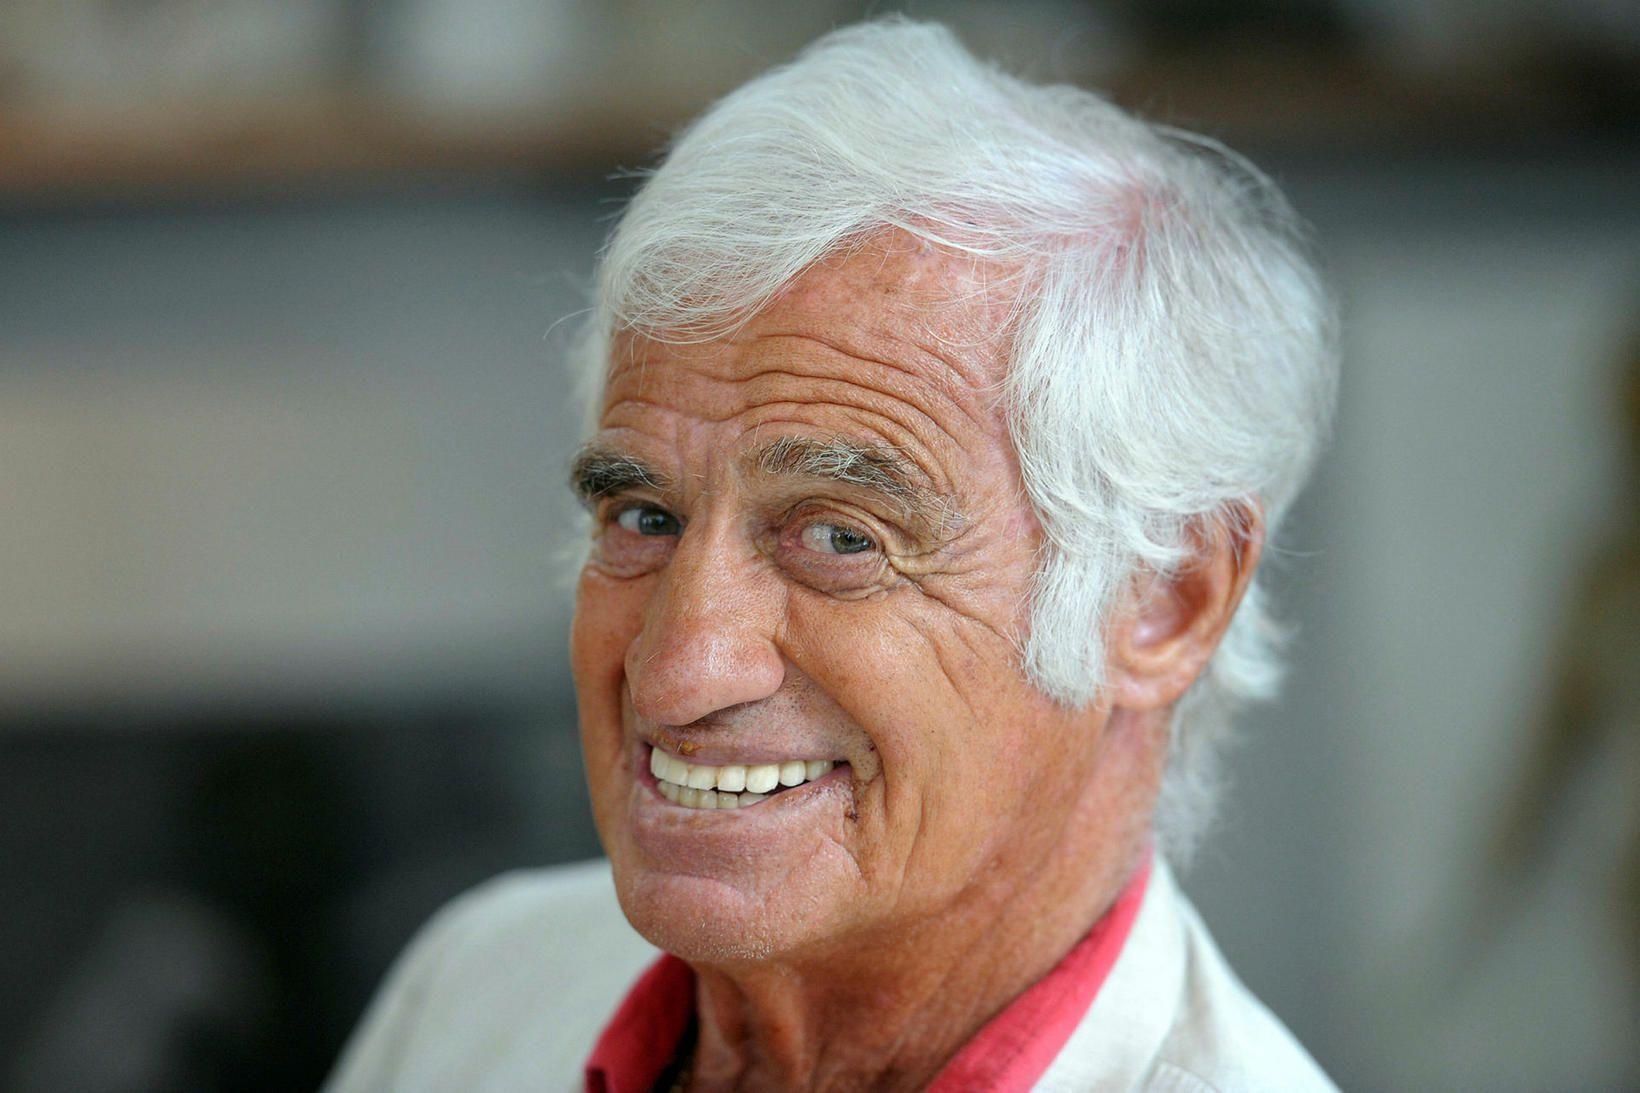 Jean-Paul Belmondo er látinn, 88 ára að aldri.